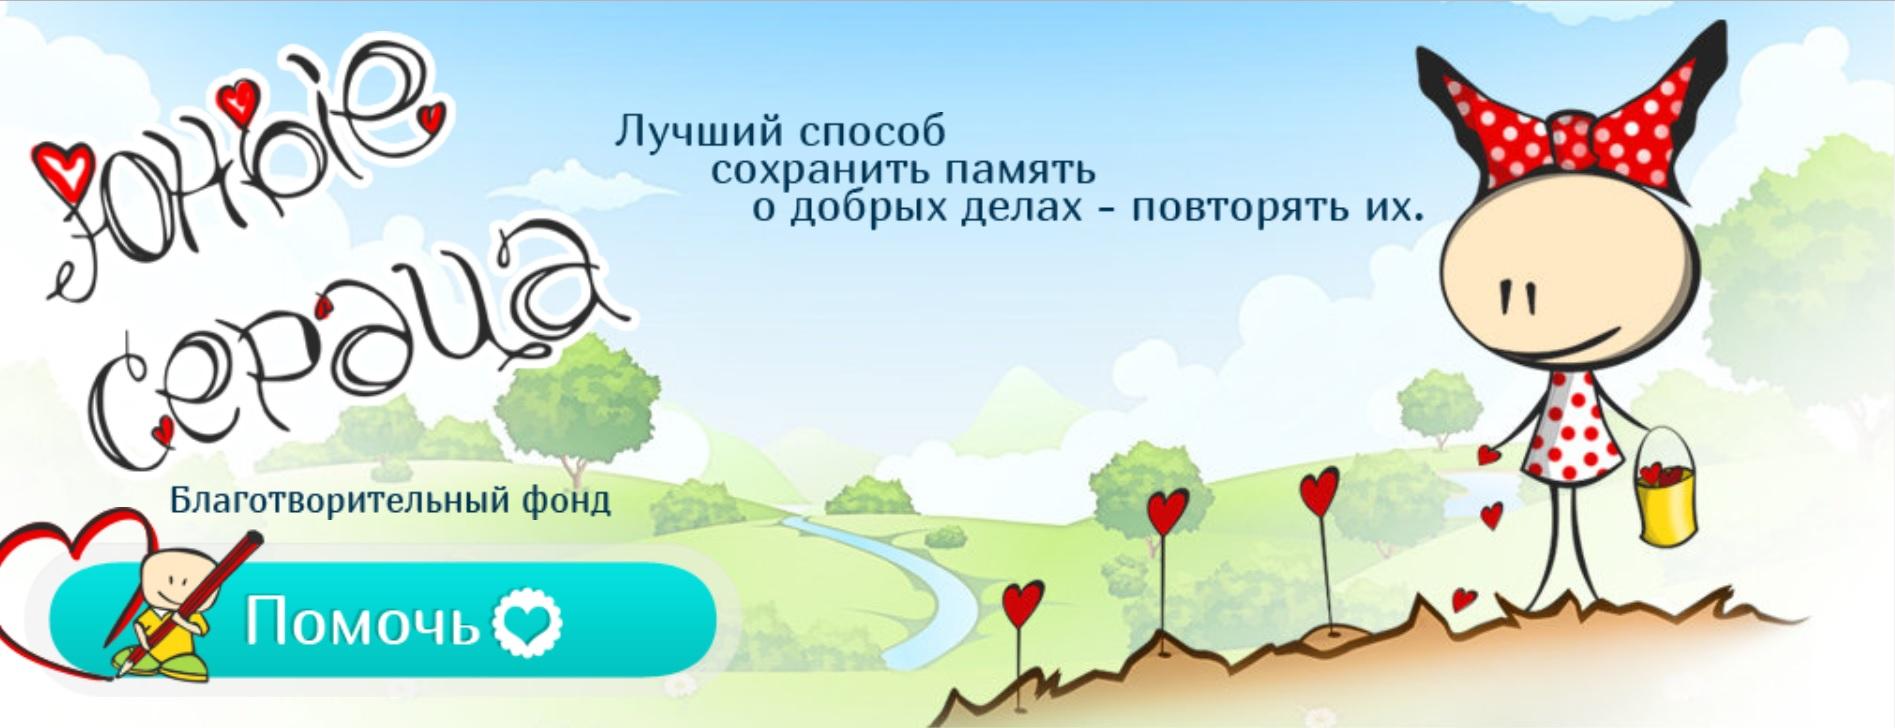 """Благотворительный фонд """"Юные сердца"""""""